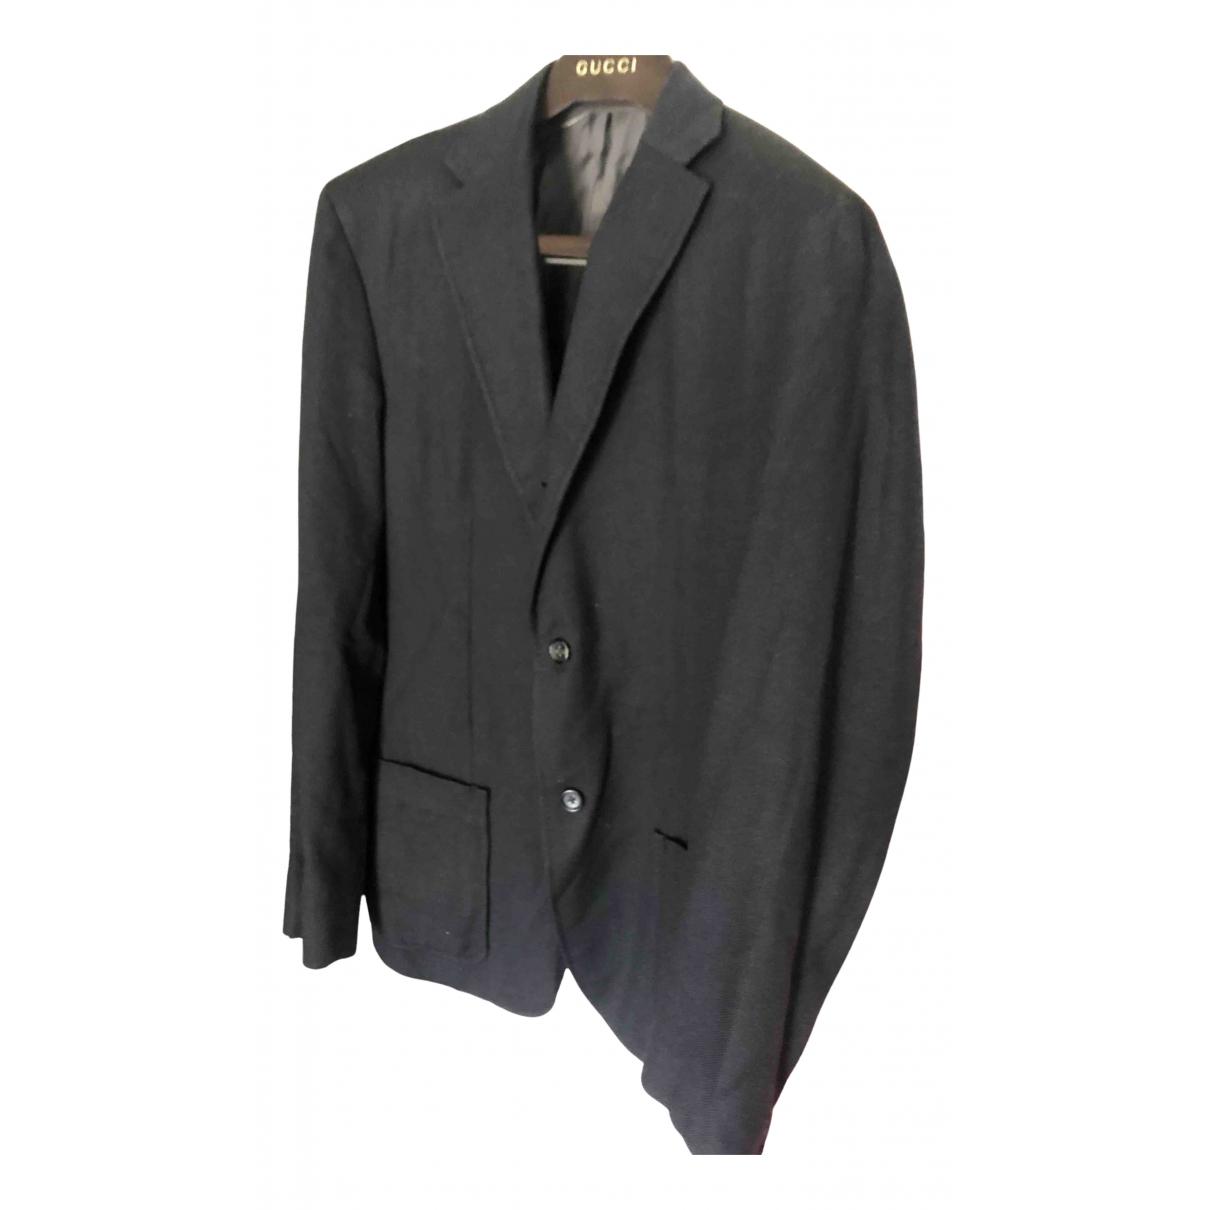 Jil Sander \N Black Cashmere jacket  for Men 48 IT